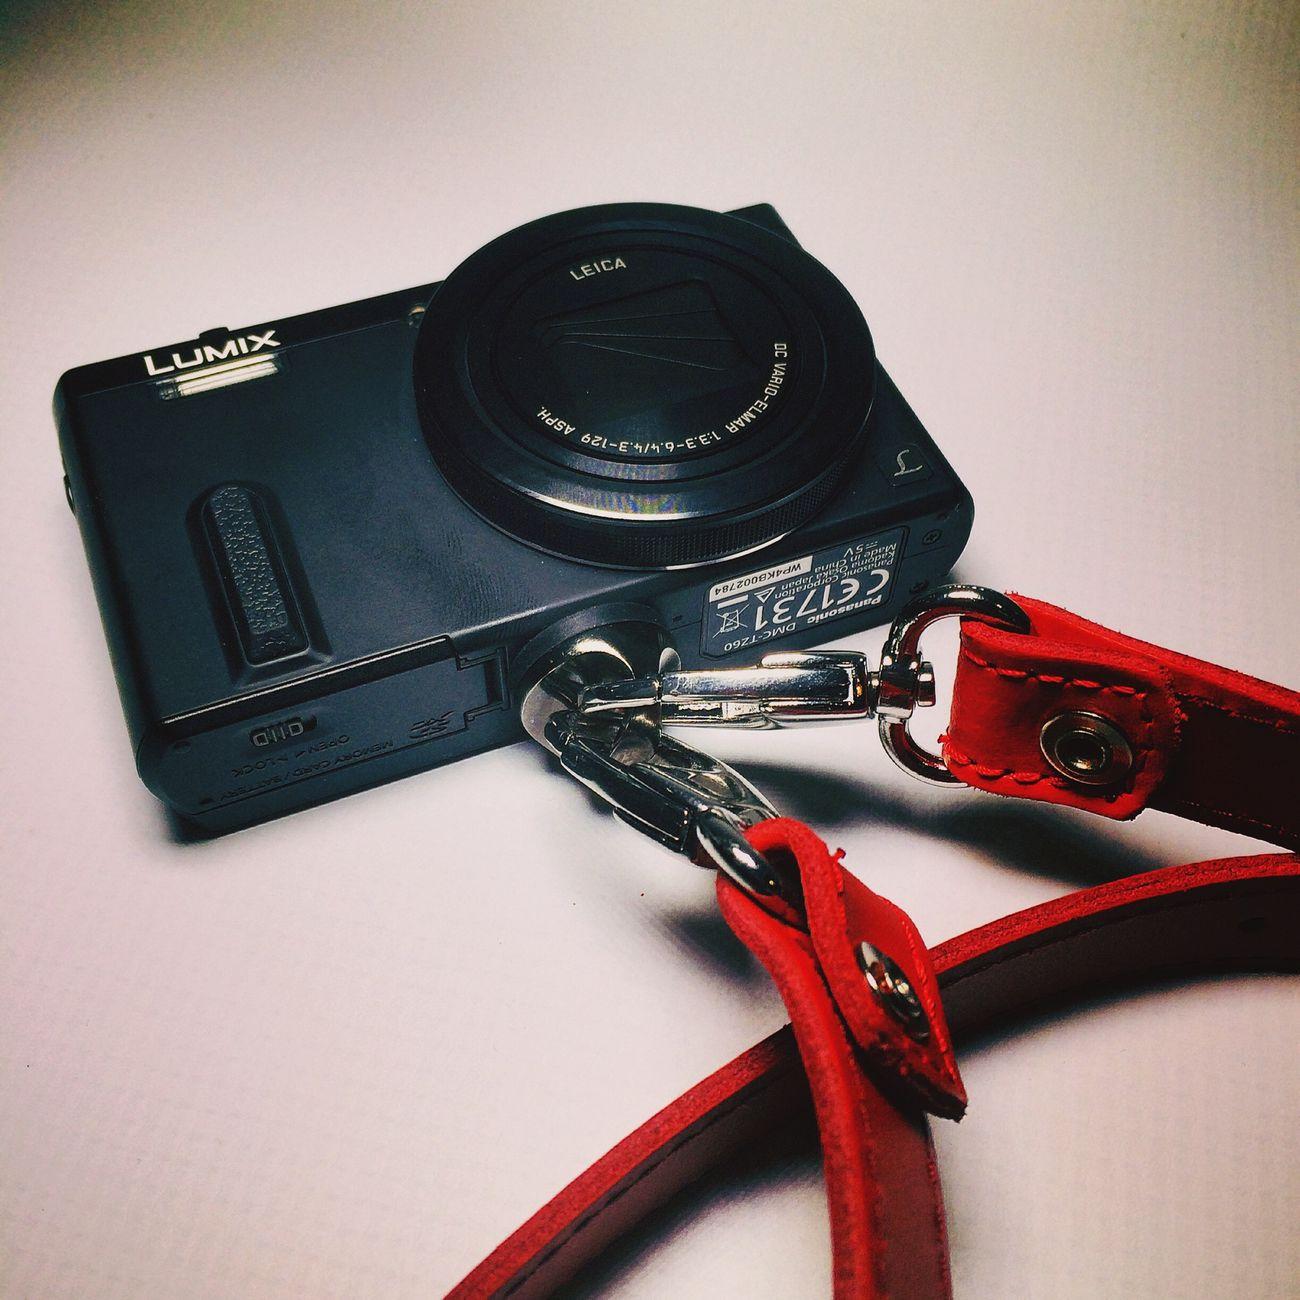 Busca tu propio estilo #retro #vintage #panasonic #lumix #tz60 Elige la manera de llevar tu #camera #longstrap #correa #review #nosvemosenlastiendas . Elige la opción que más se ajusta a tus necesidades #leather ? #nanodelarosa #whynot Camera Longstrap Shopping